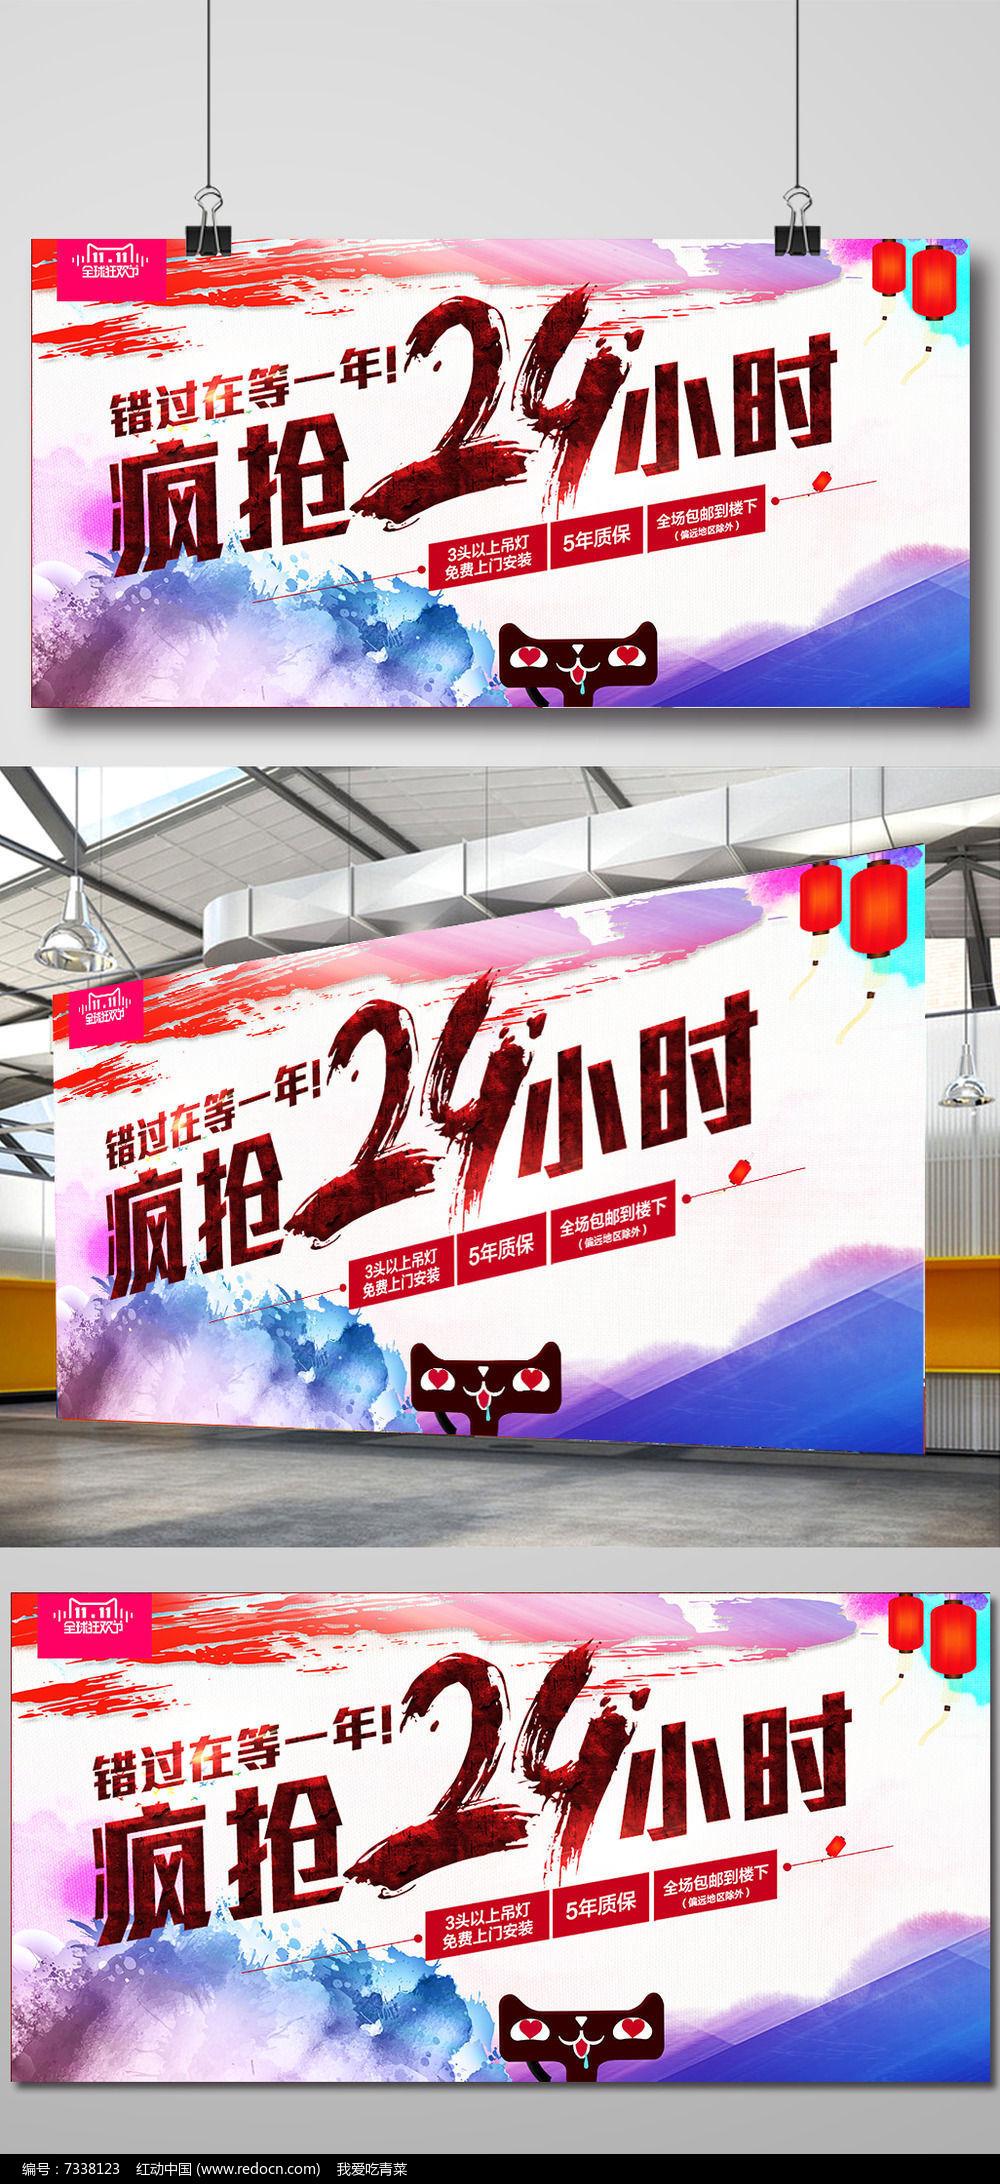 淘宝双11疯抢24小时海报设计图片